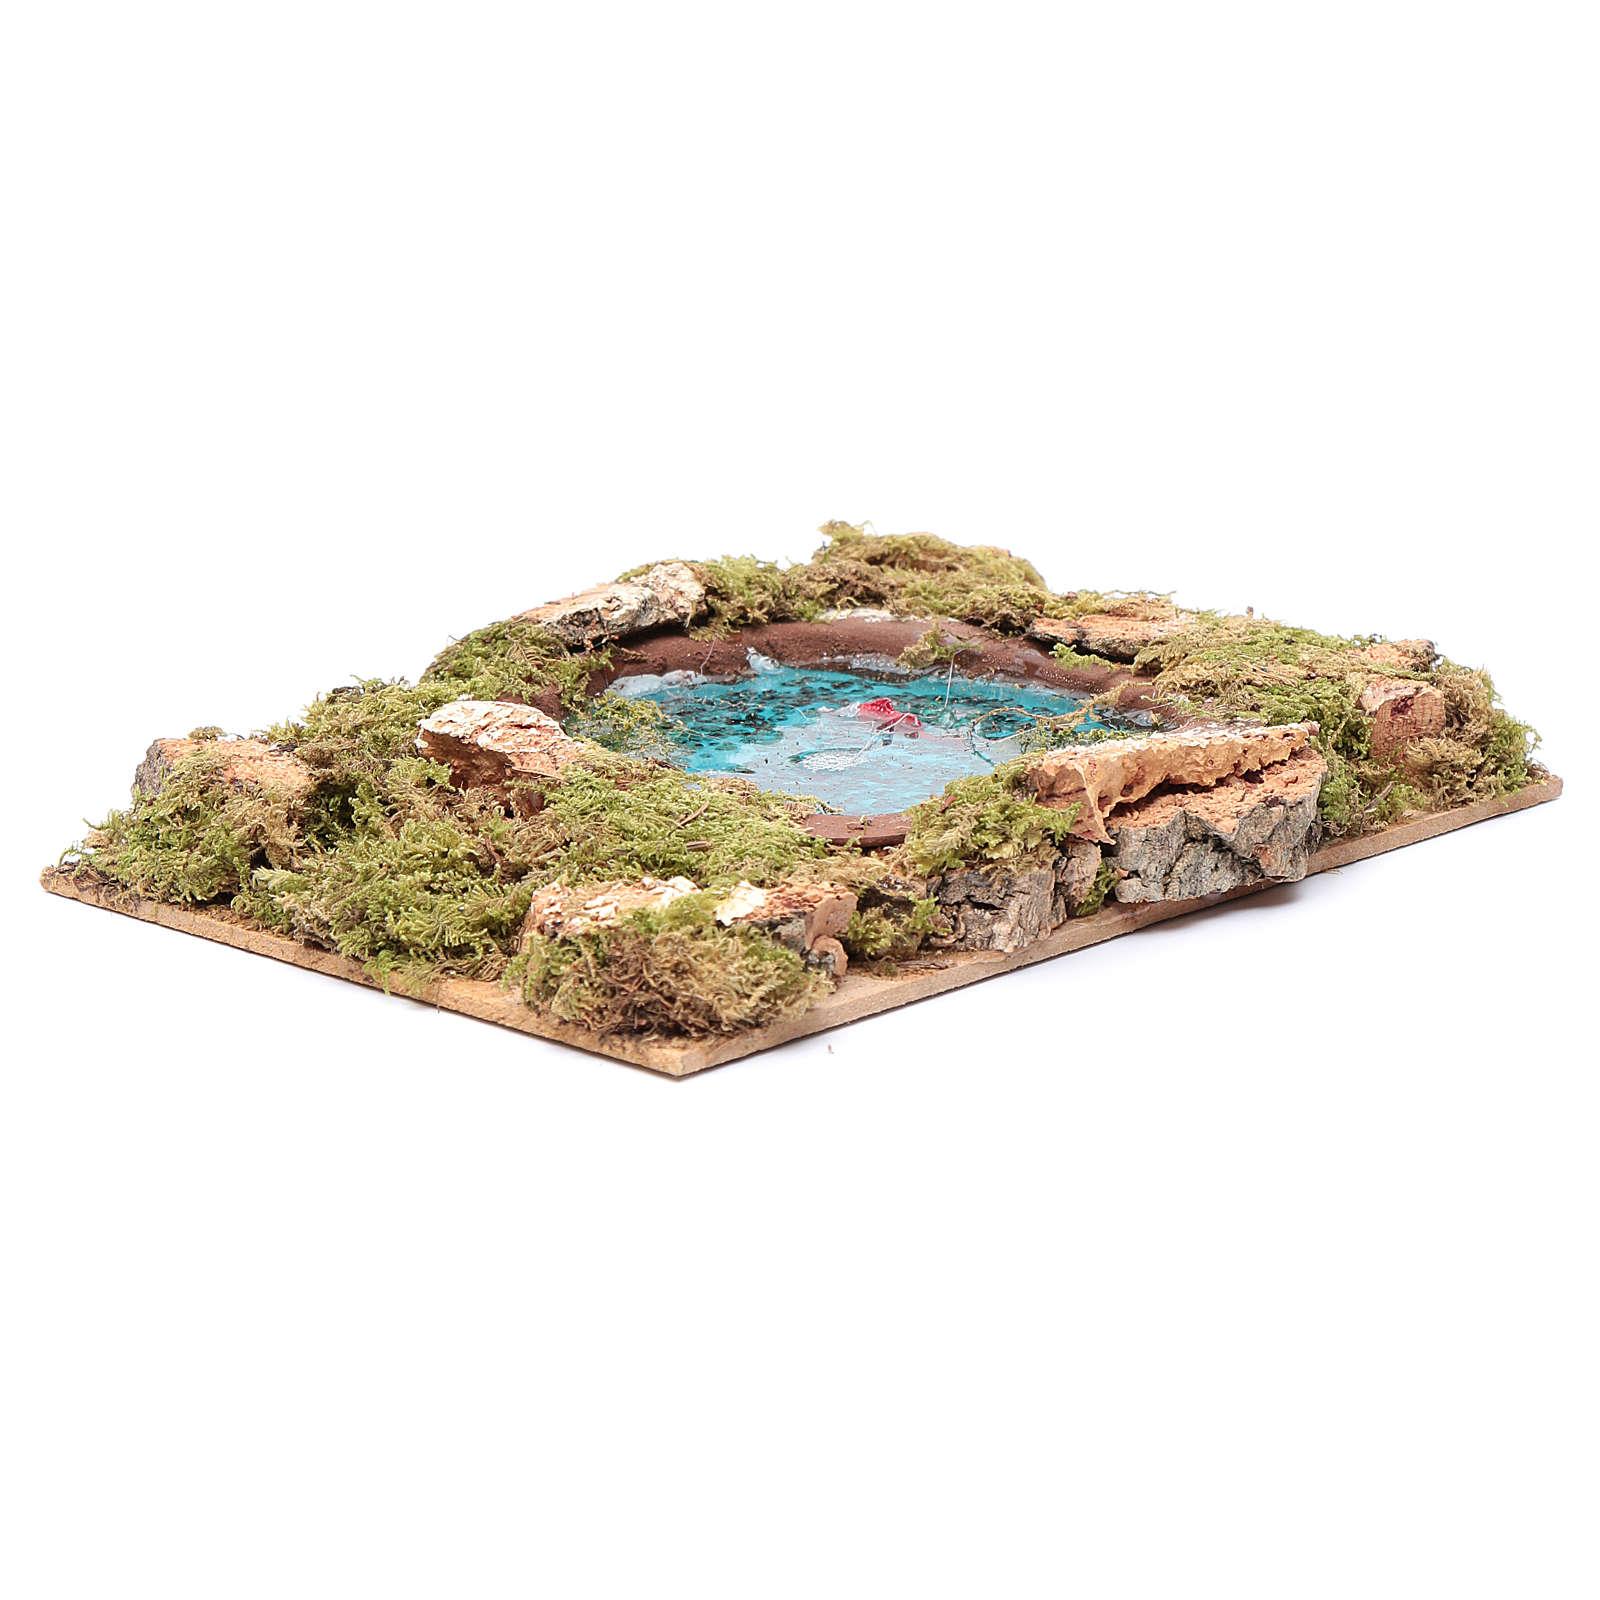 Nativity scene accessory lake with fish 5x20x15 cm 4